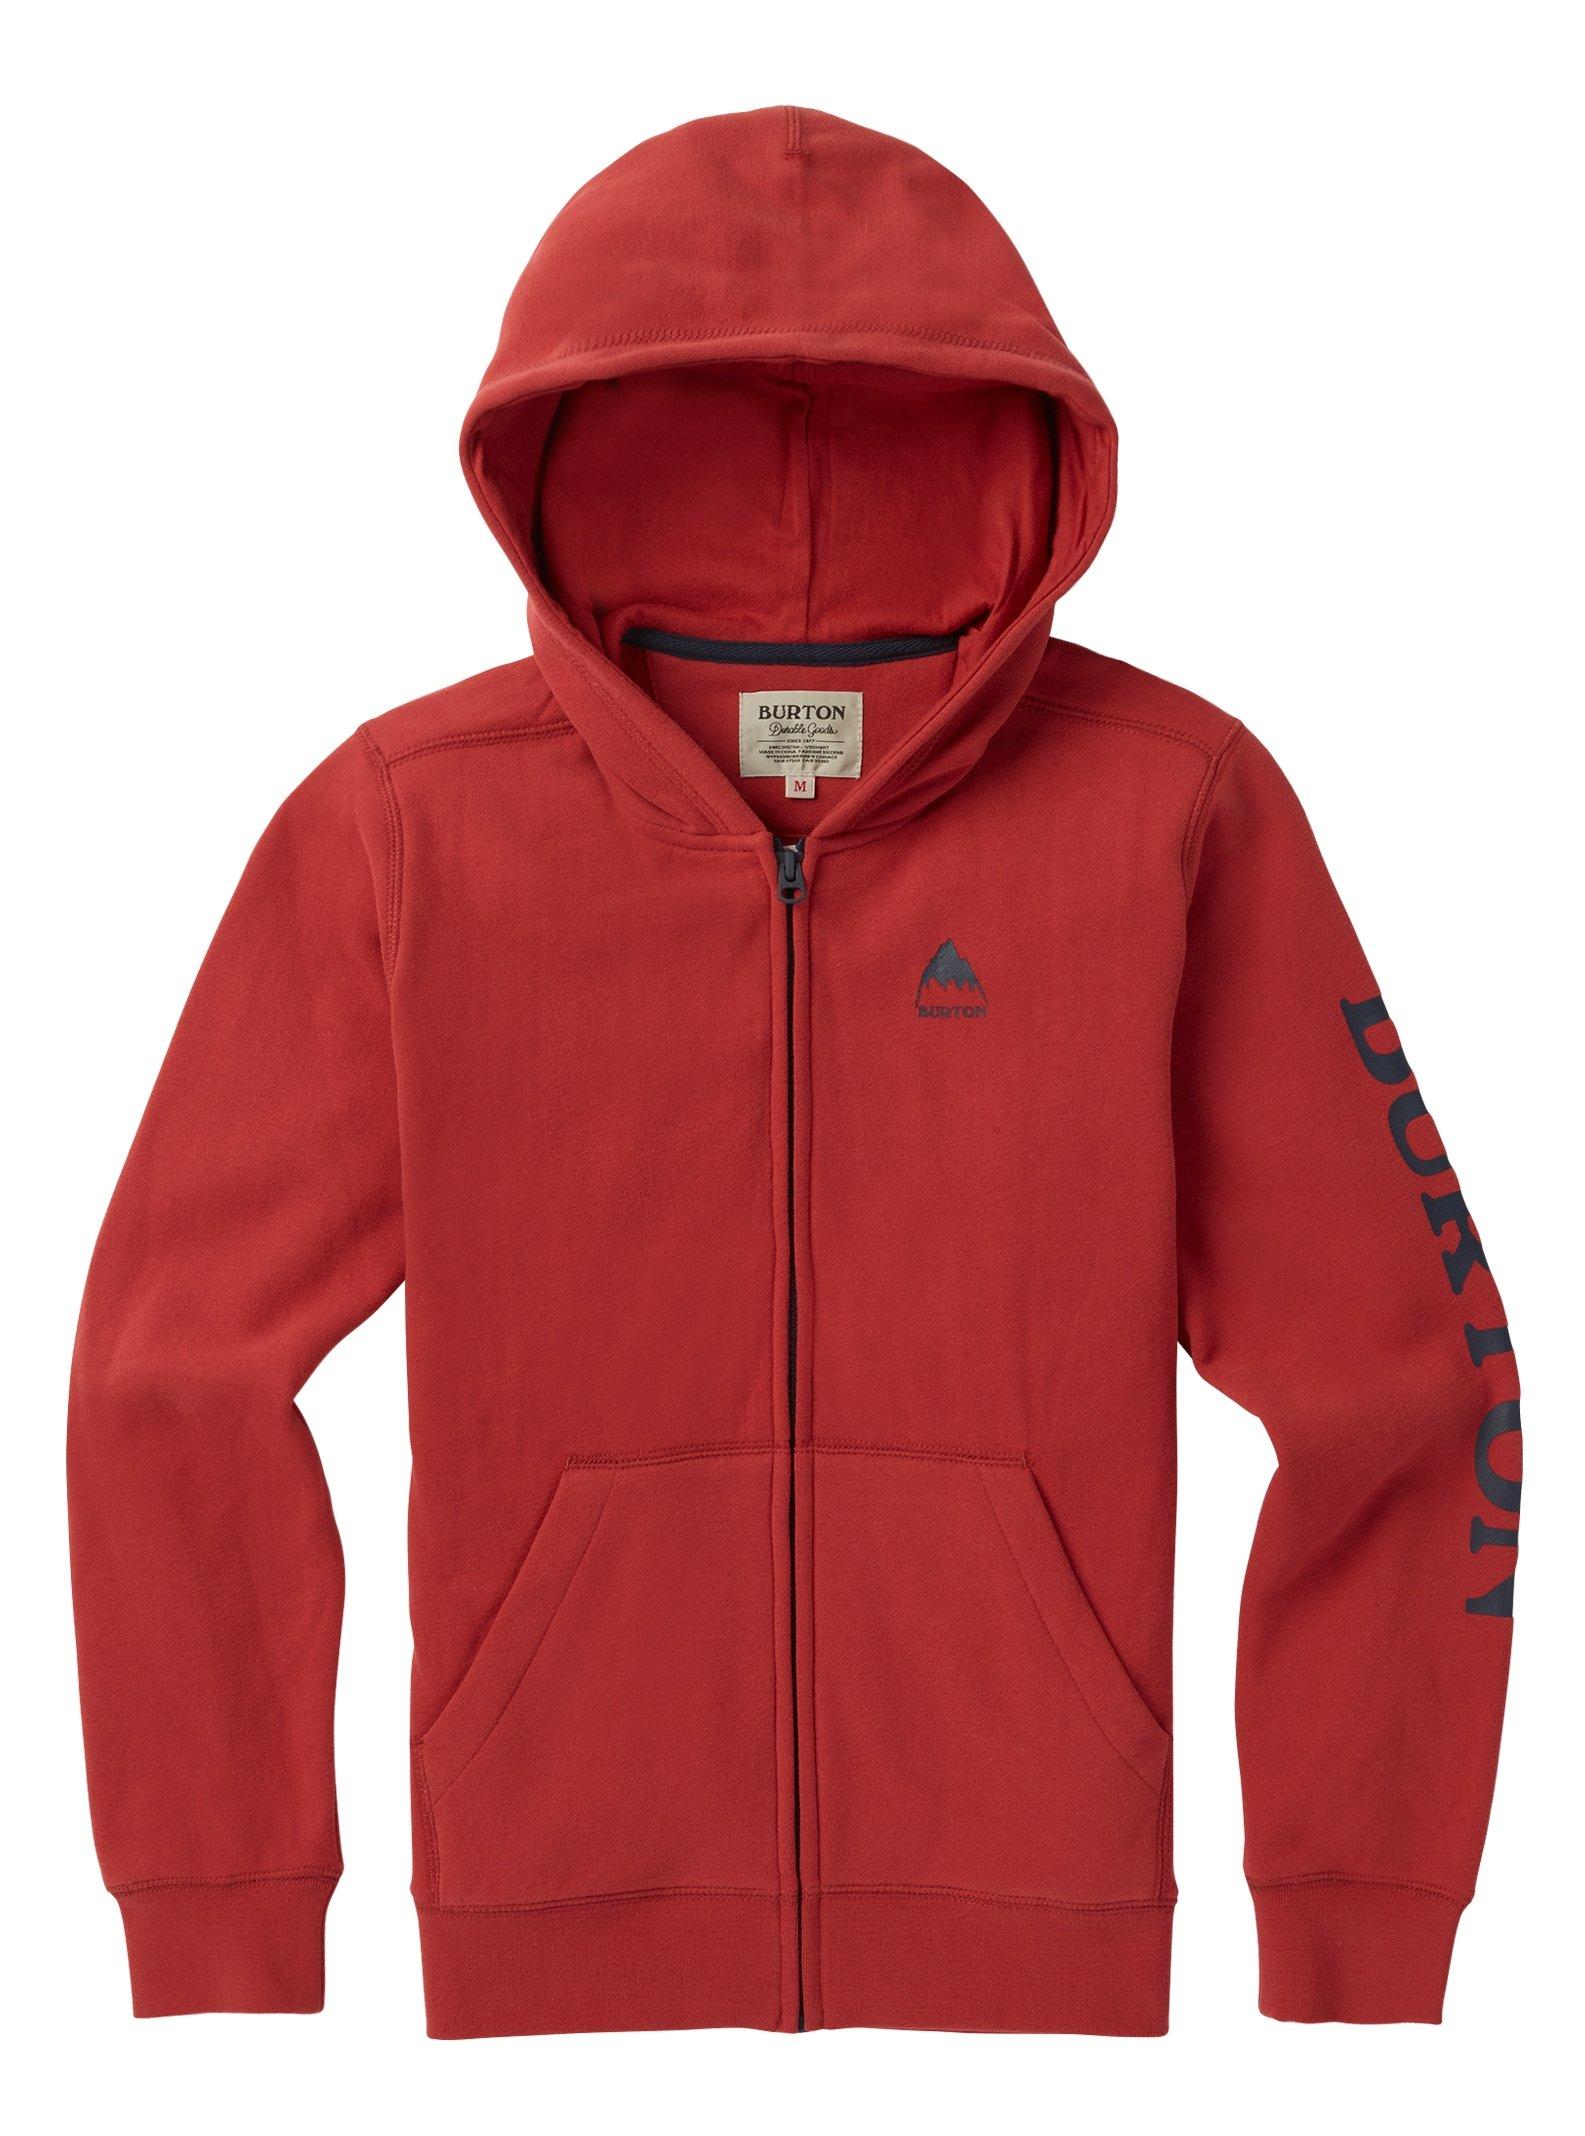 Burton Kids Elite Full Zip Hoodie, Tandoori W19, Small